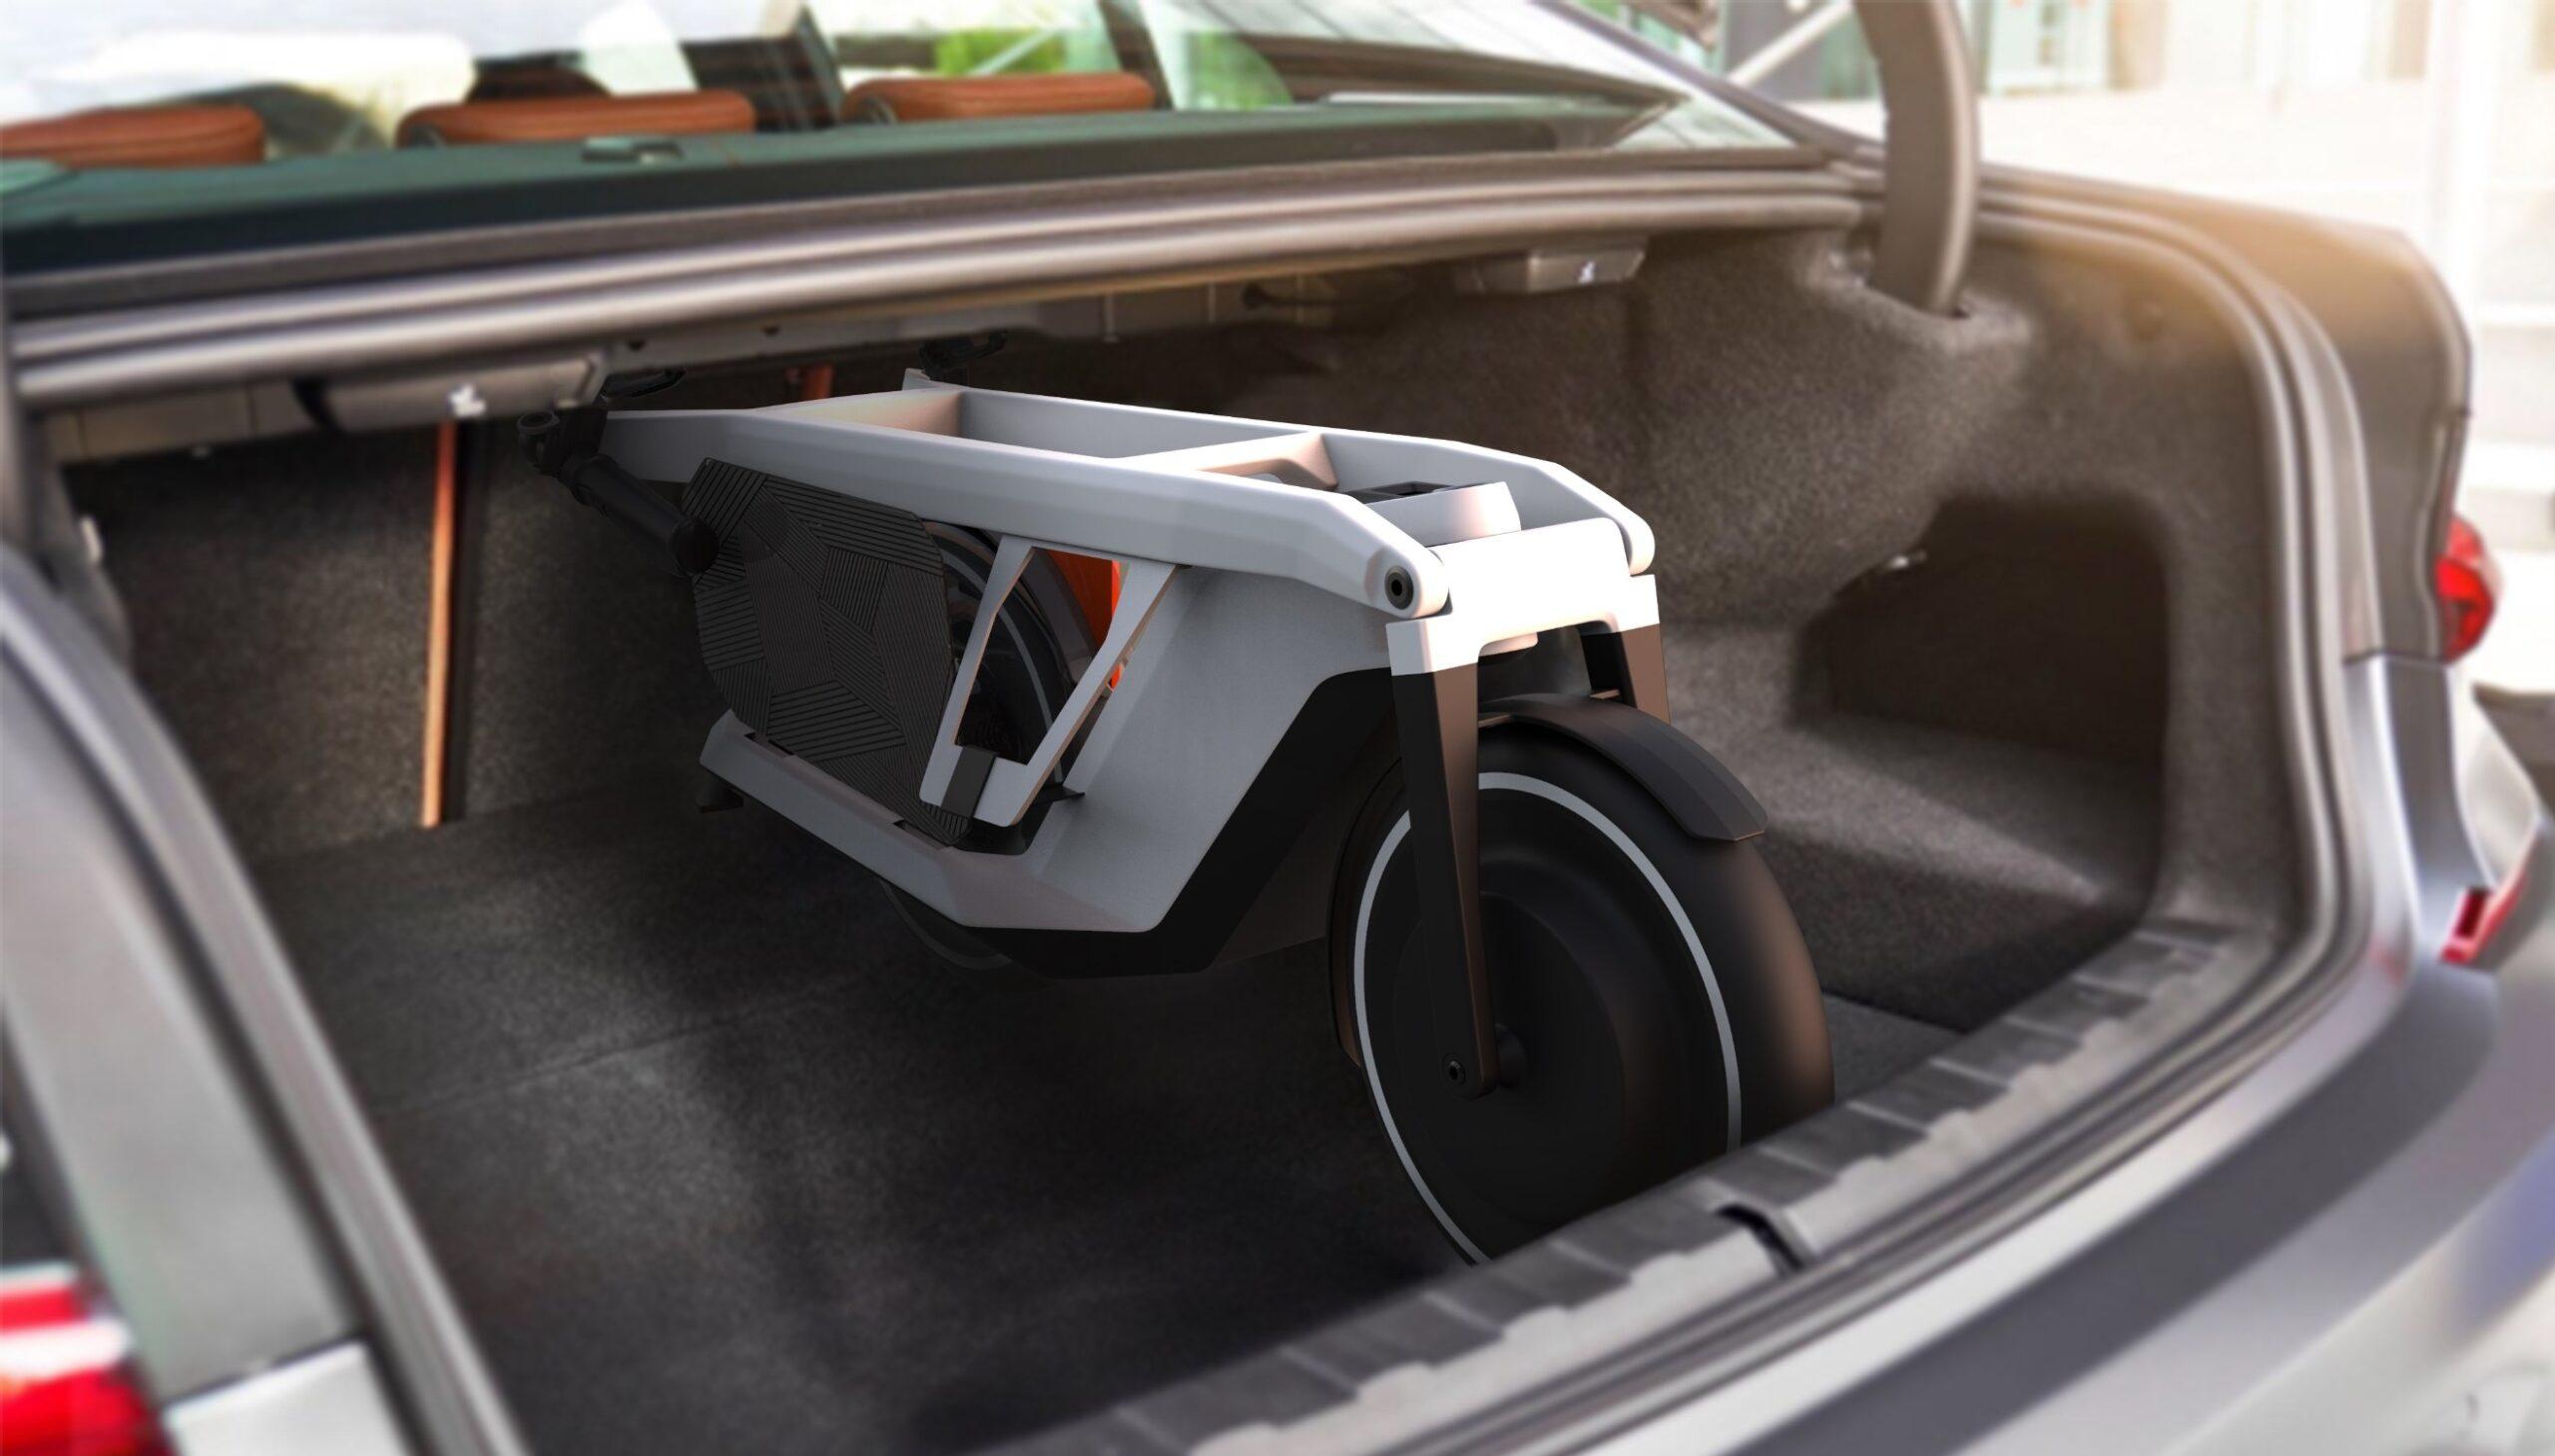 BMW micromobility